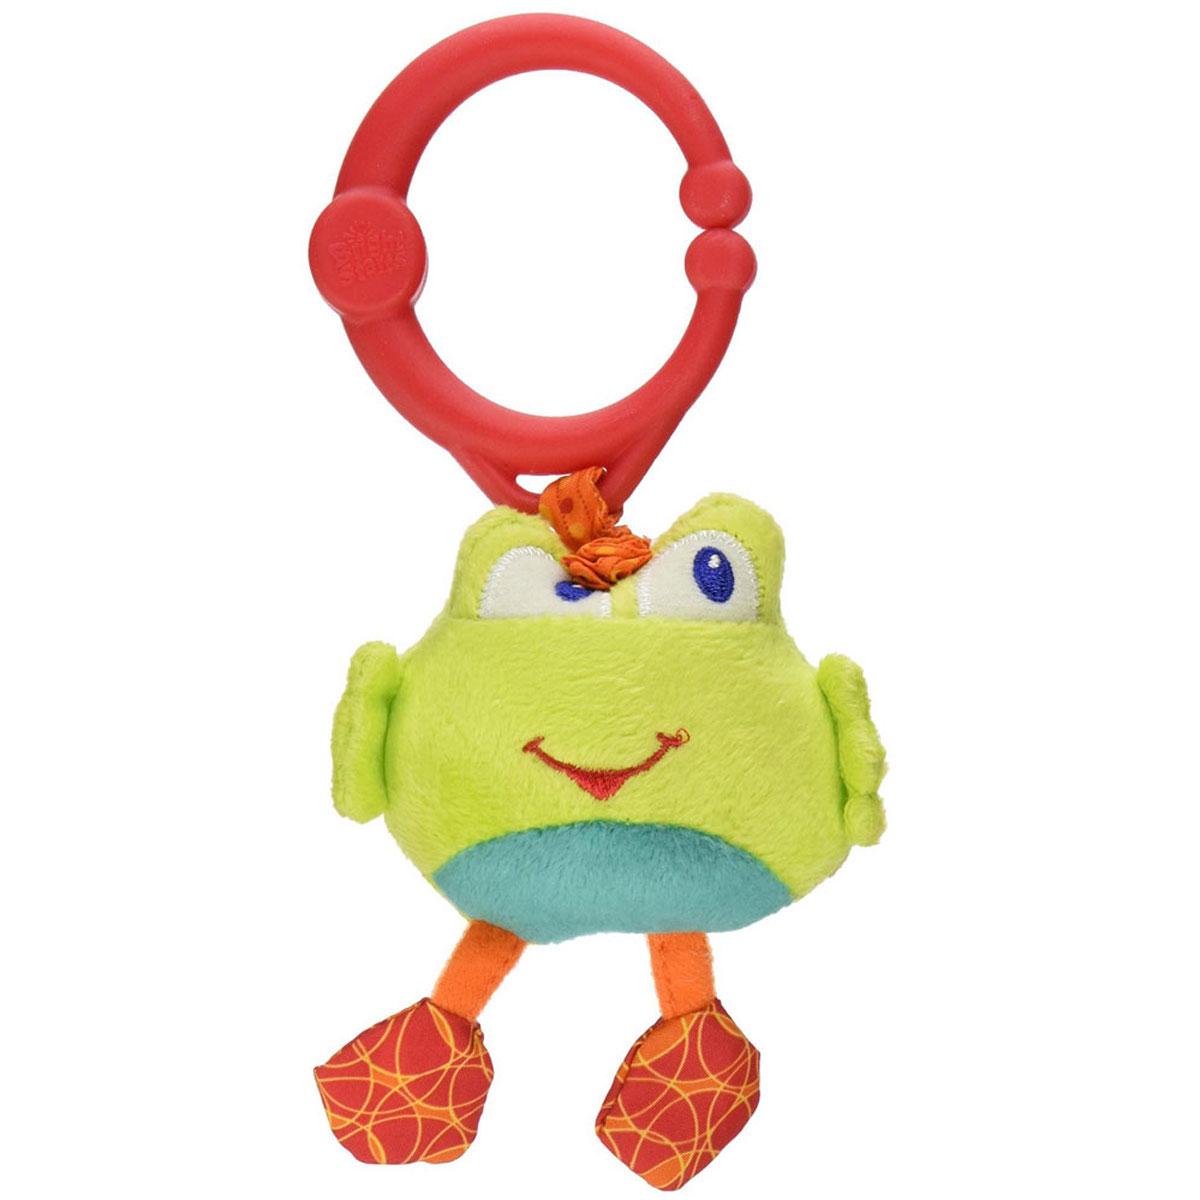 Bright Starts Мягкая развивающая игрушка-подвеска Дрожащий дружок: Лягушка8808-7Развивающая мягкая игрушка-подвеска Bright Starts Дрожащий дружок: Лягушка выполнена из текстильного материала различных цветов в виде милого лягушонка. К лягушонку крепится текстильная веревочка. Если игрушку потянуть вниз, то она начнет вибрировать до тех пор, пока веревочка не вернется в исходное положение. С помощью пластикового кольца игрушку легко можно прикрепить к кроватке, коляске или игровой дуге малыша. Развивающая мягкая игрушка-подвеска Дрожащий дружок: Лягушка поможет ребенку в развитии цветового и звукового восприятия, мелкой моторики рук, координации движений и тактильных ощущений.